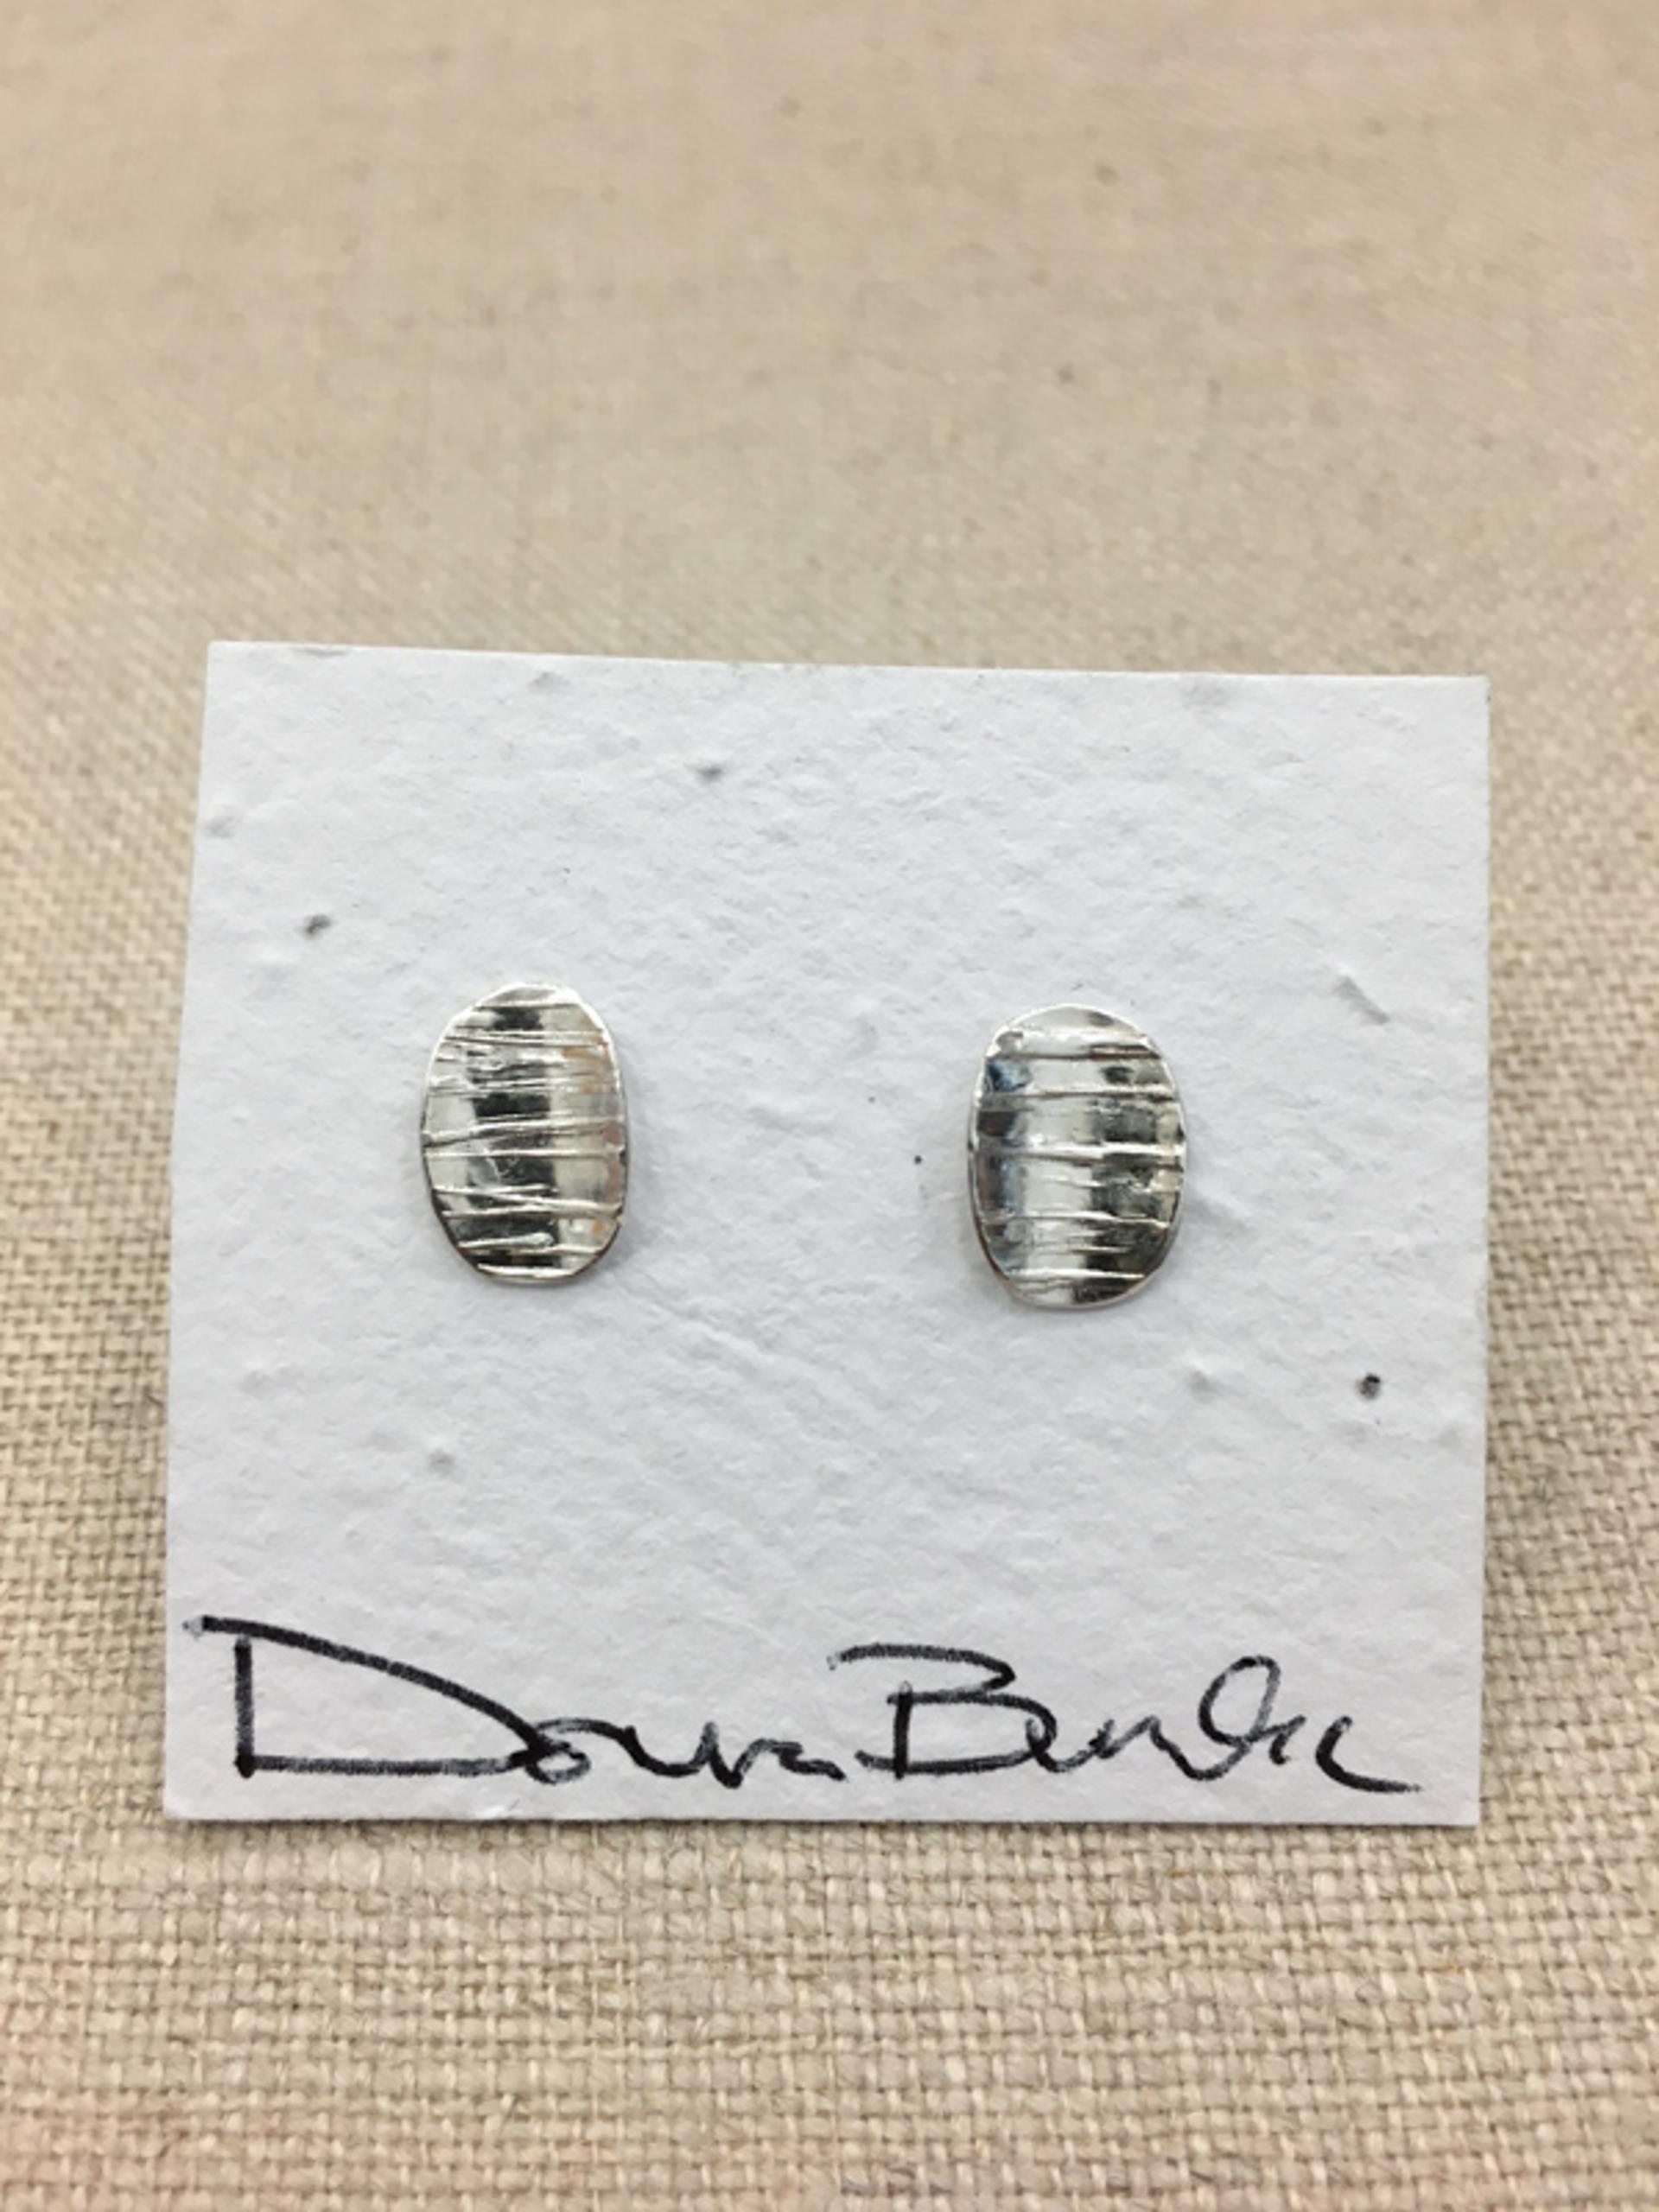 1456-16 Earrings by Donna Burdic